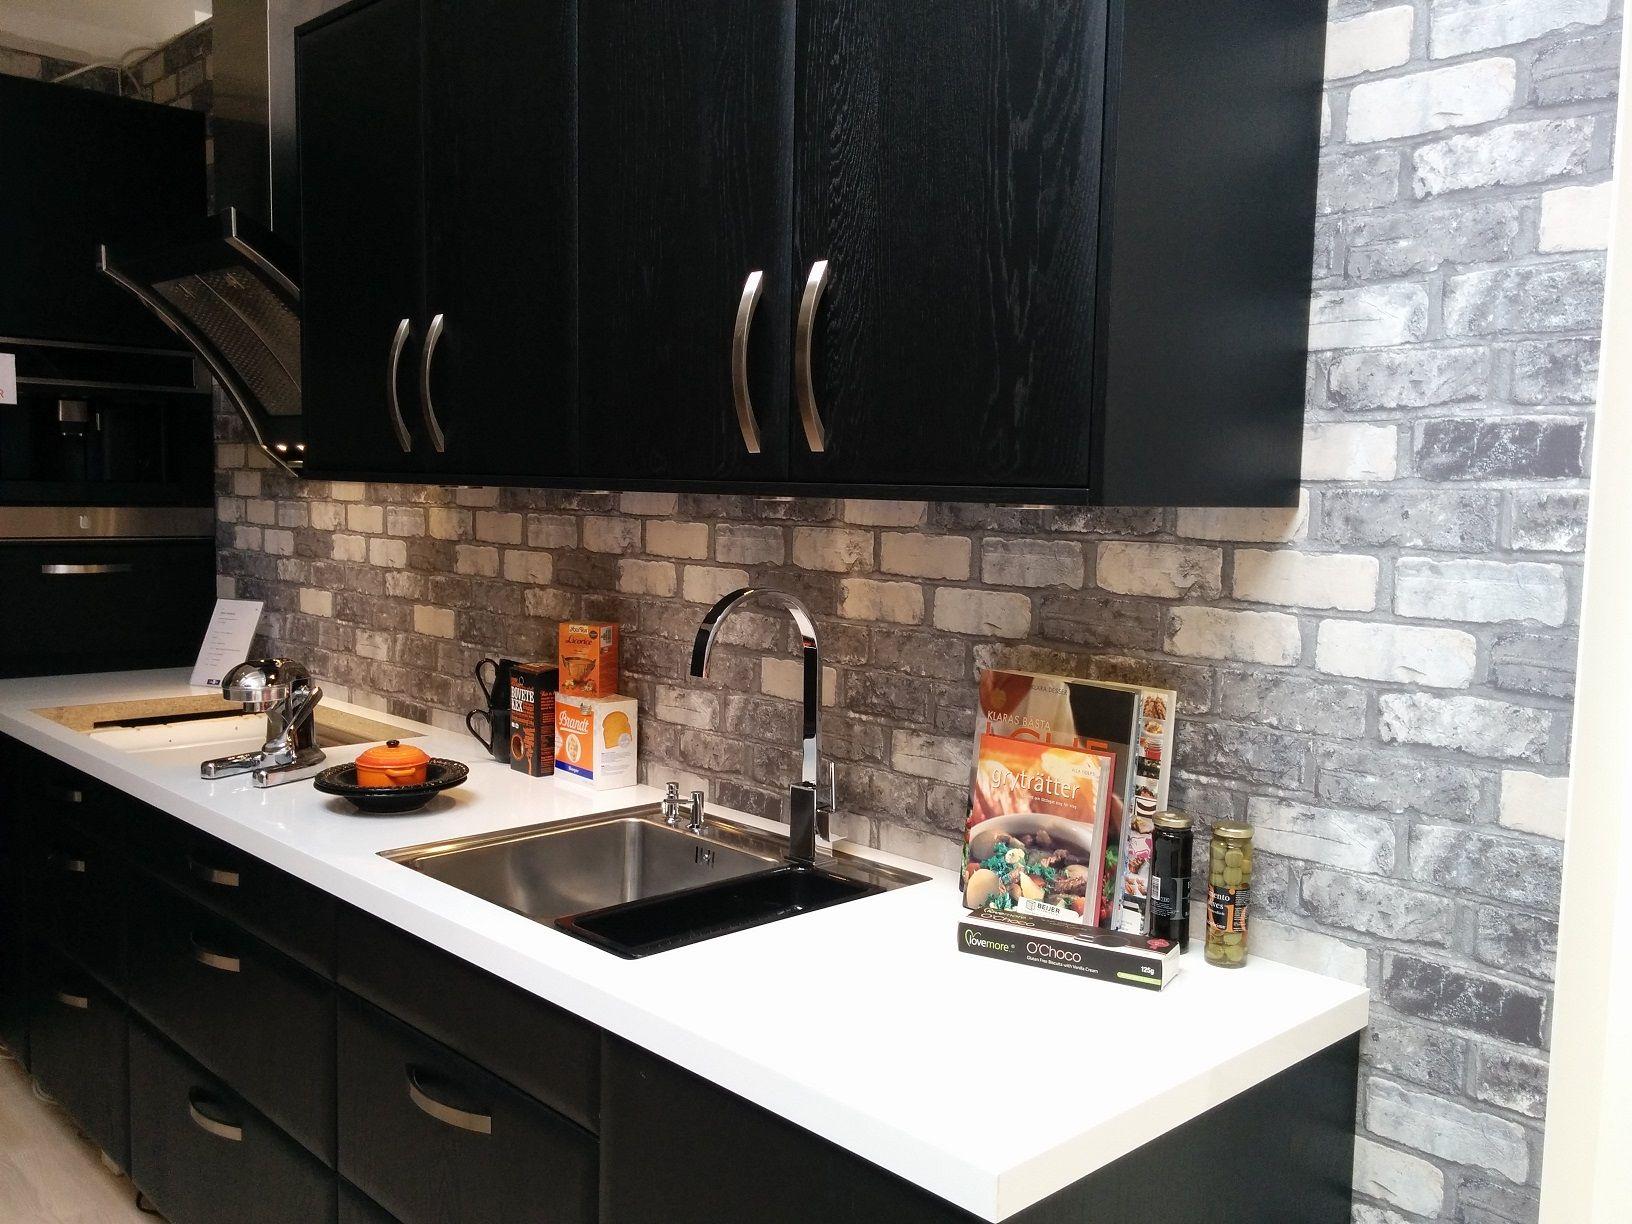 Tapet Steampunk Beijers Kallered Kitchen Cabinets Home Decor Kitchen